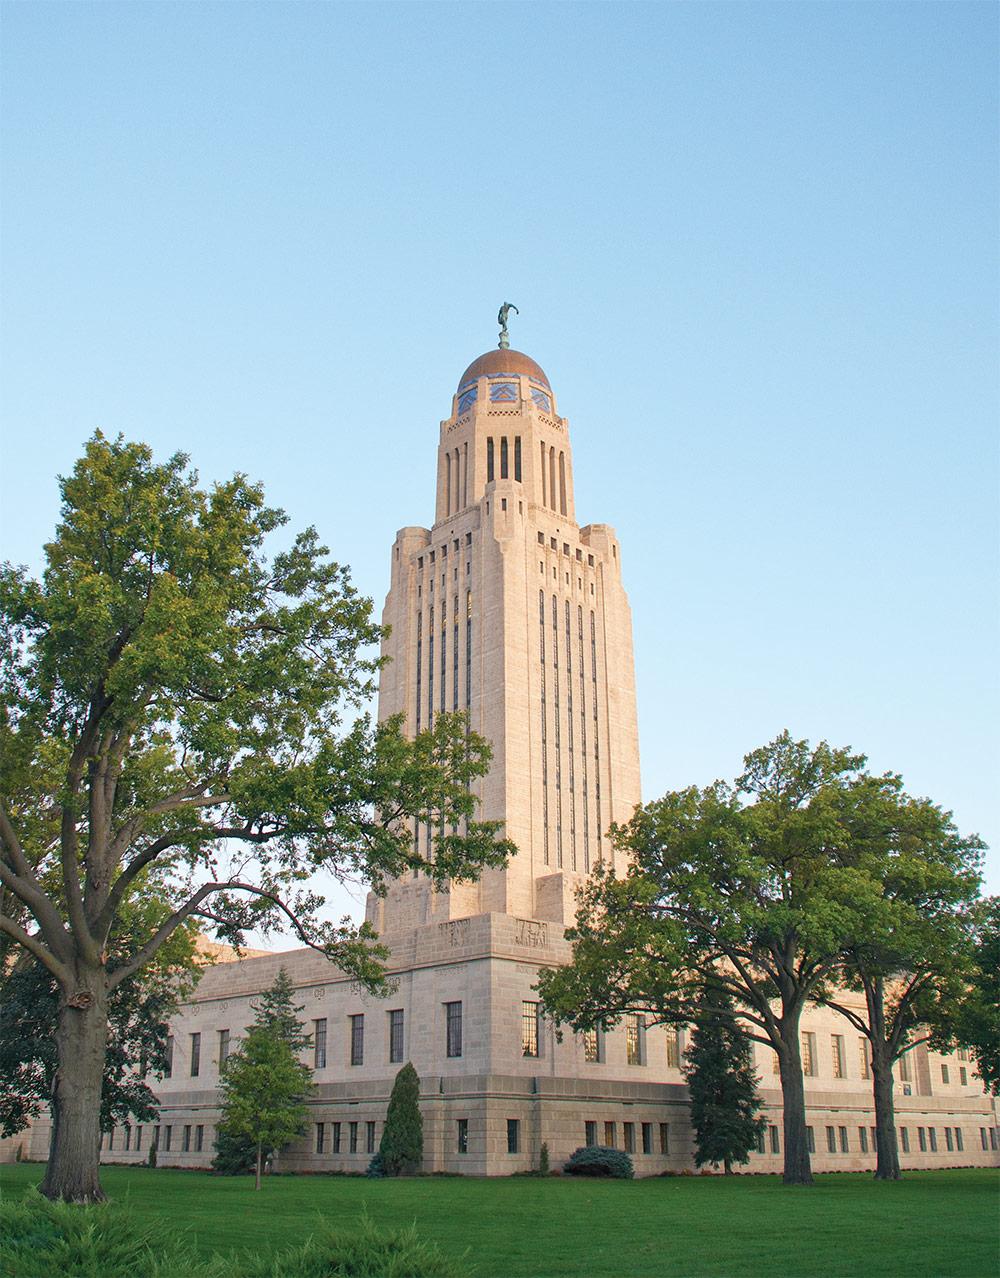 Nebraska Celebrates 150 in 2017